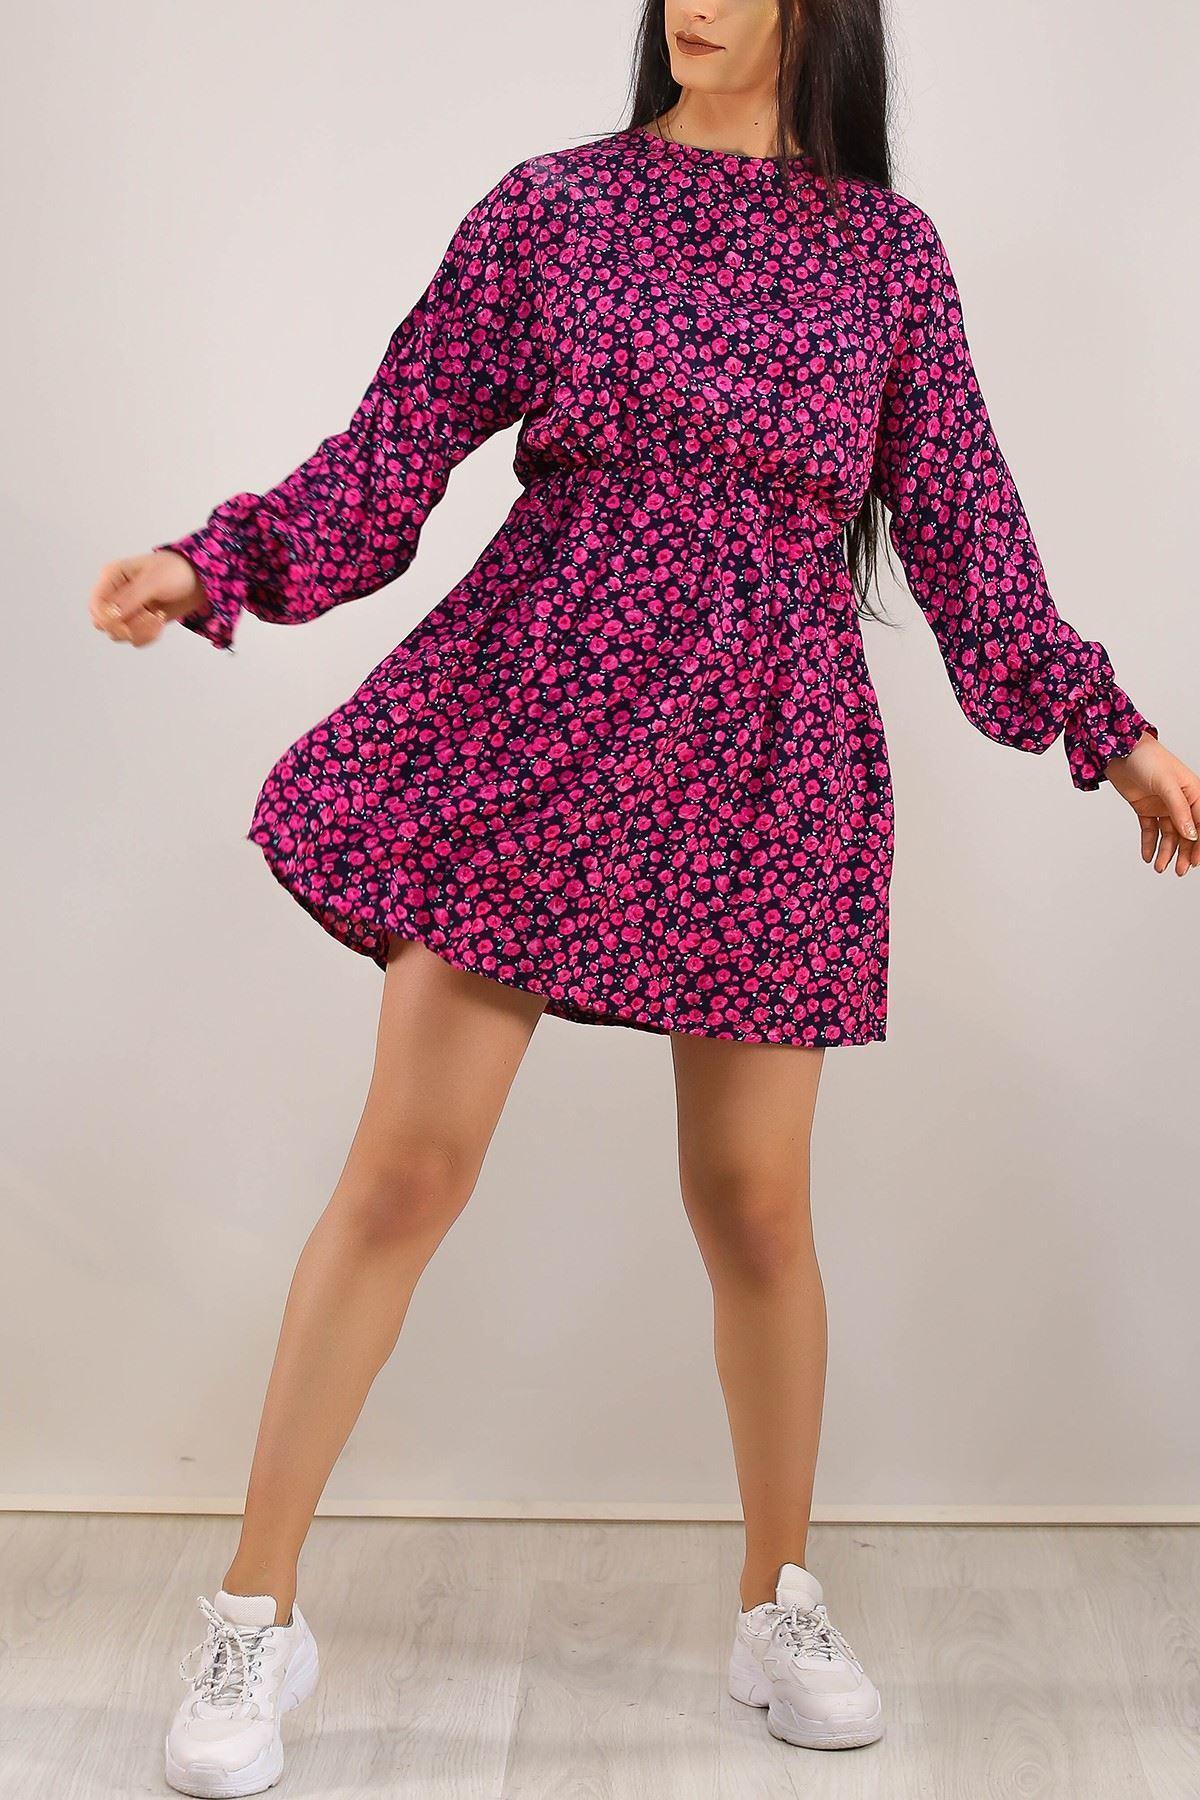 Dokuma Elbise Pembesiyah - 5071.701.